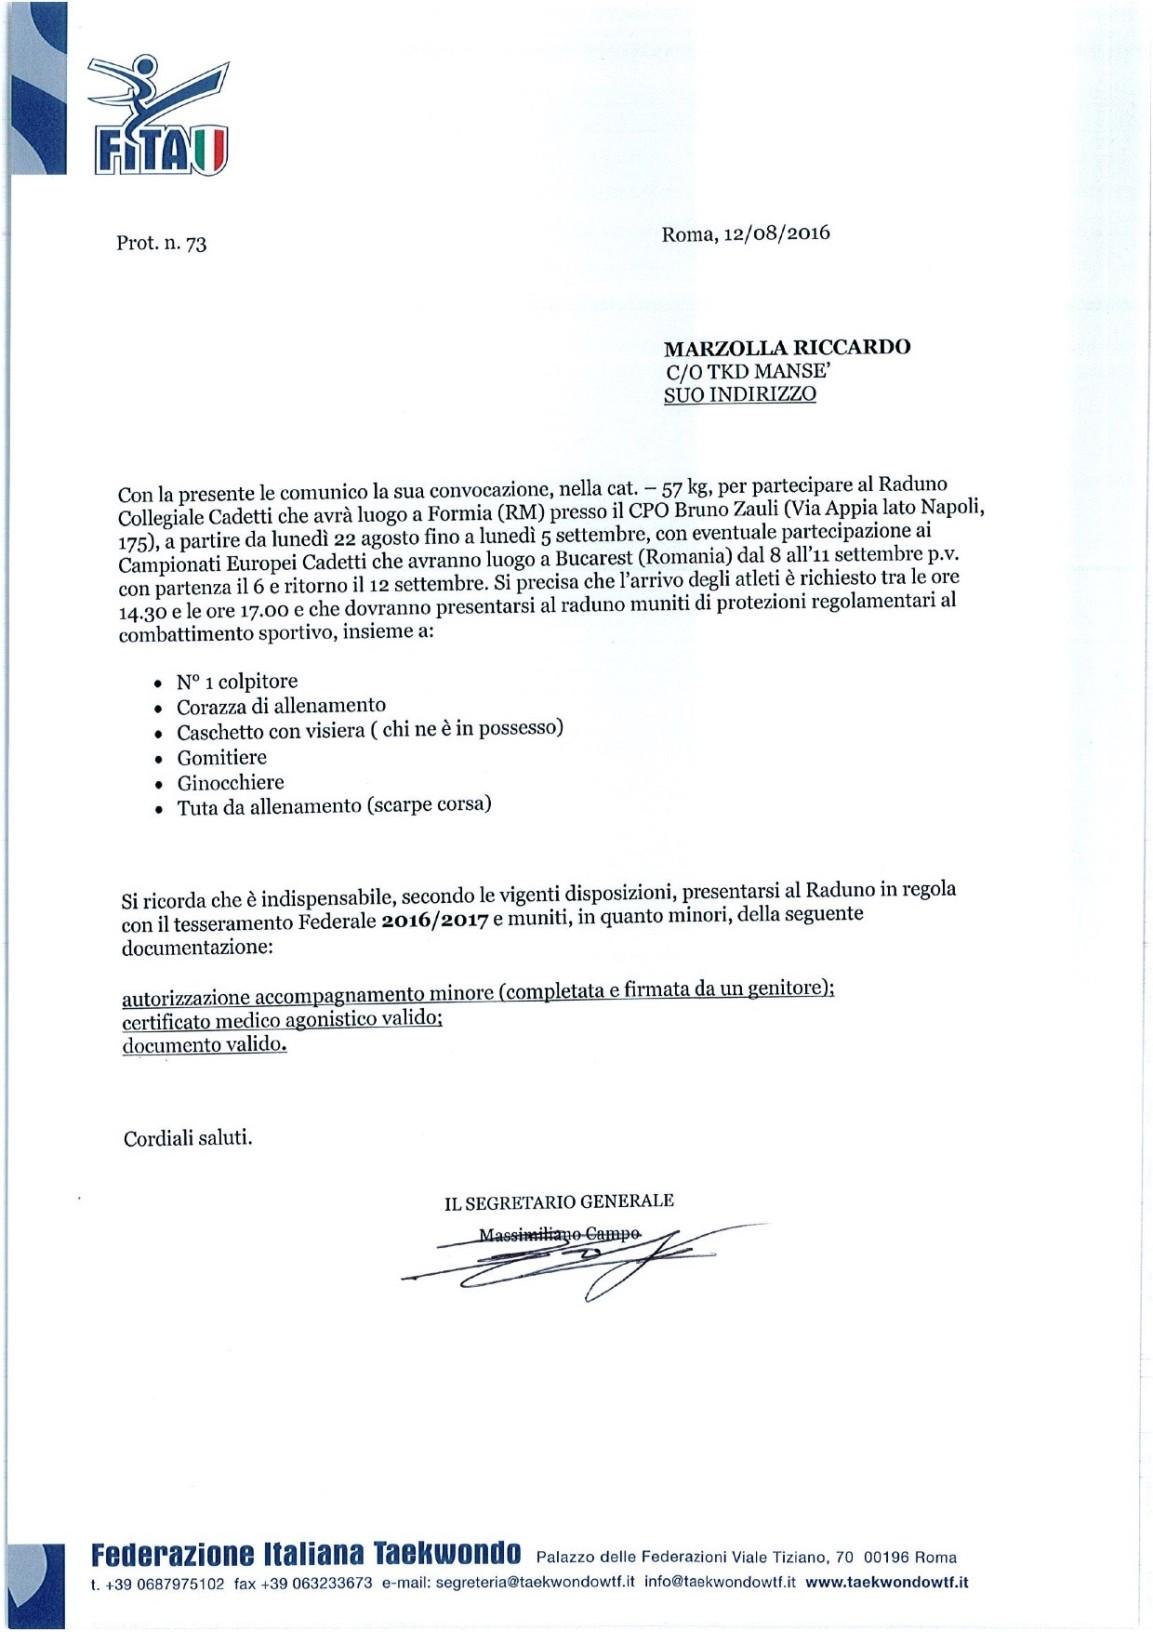 Convocazione in Nazionale per Riccardo Marzolla ... 1 2 3 taekwondo mansé